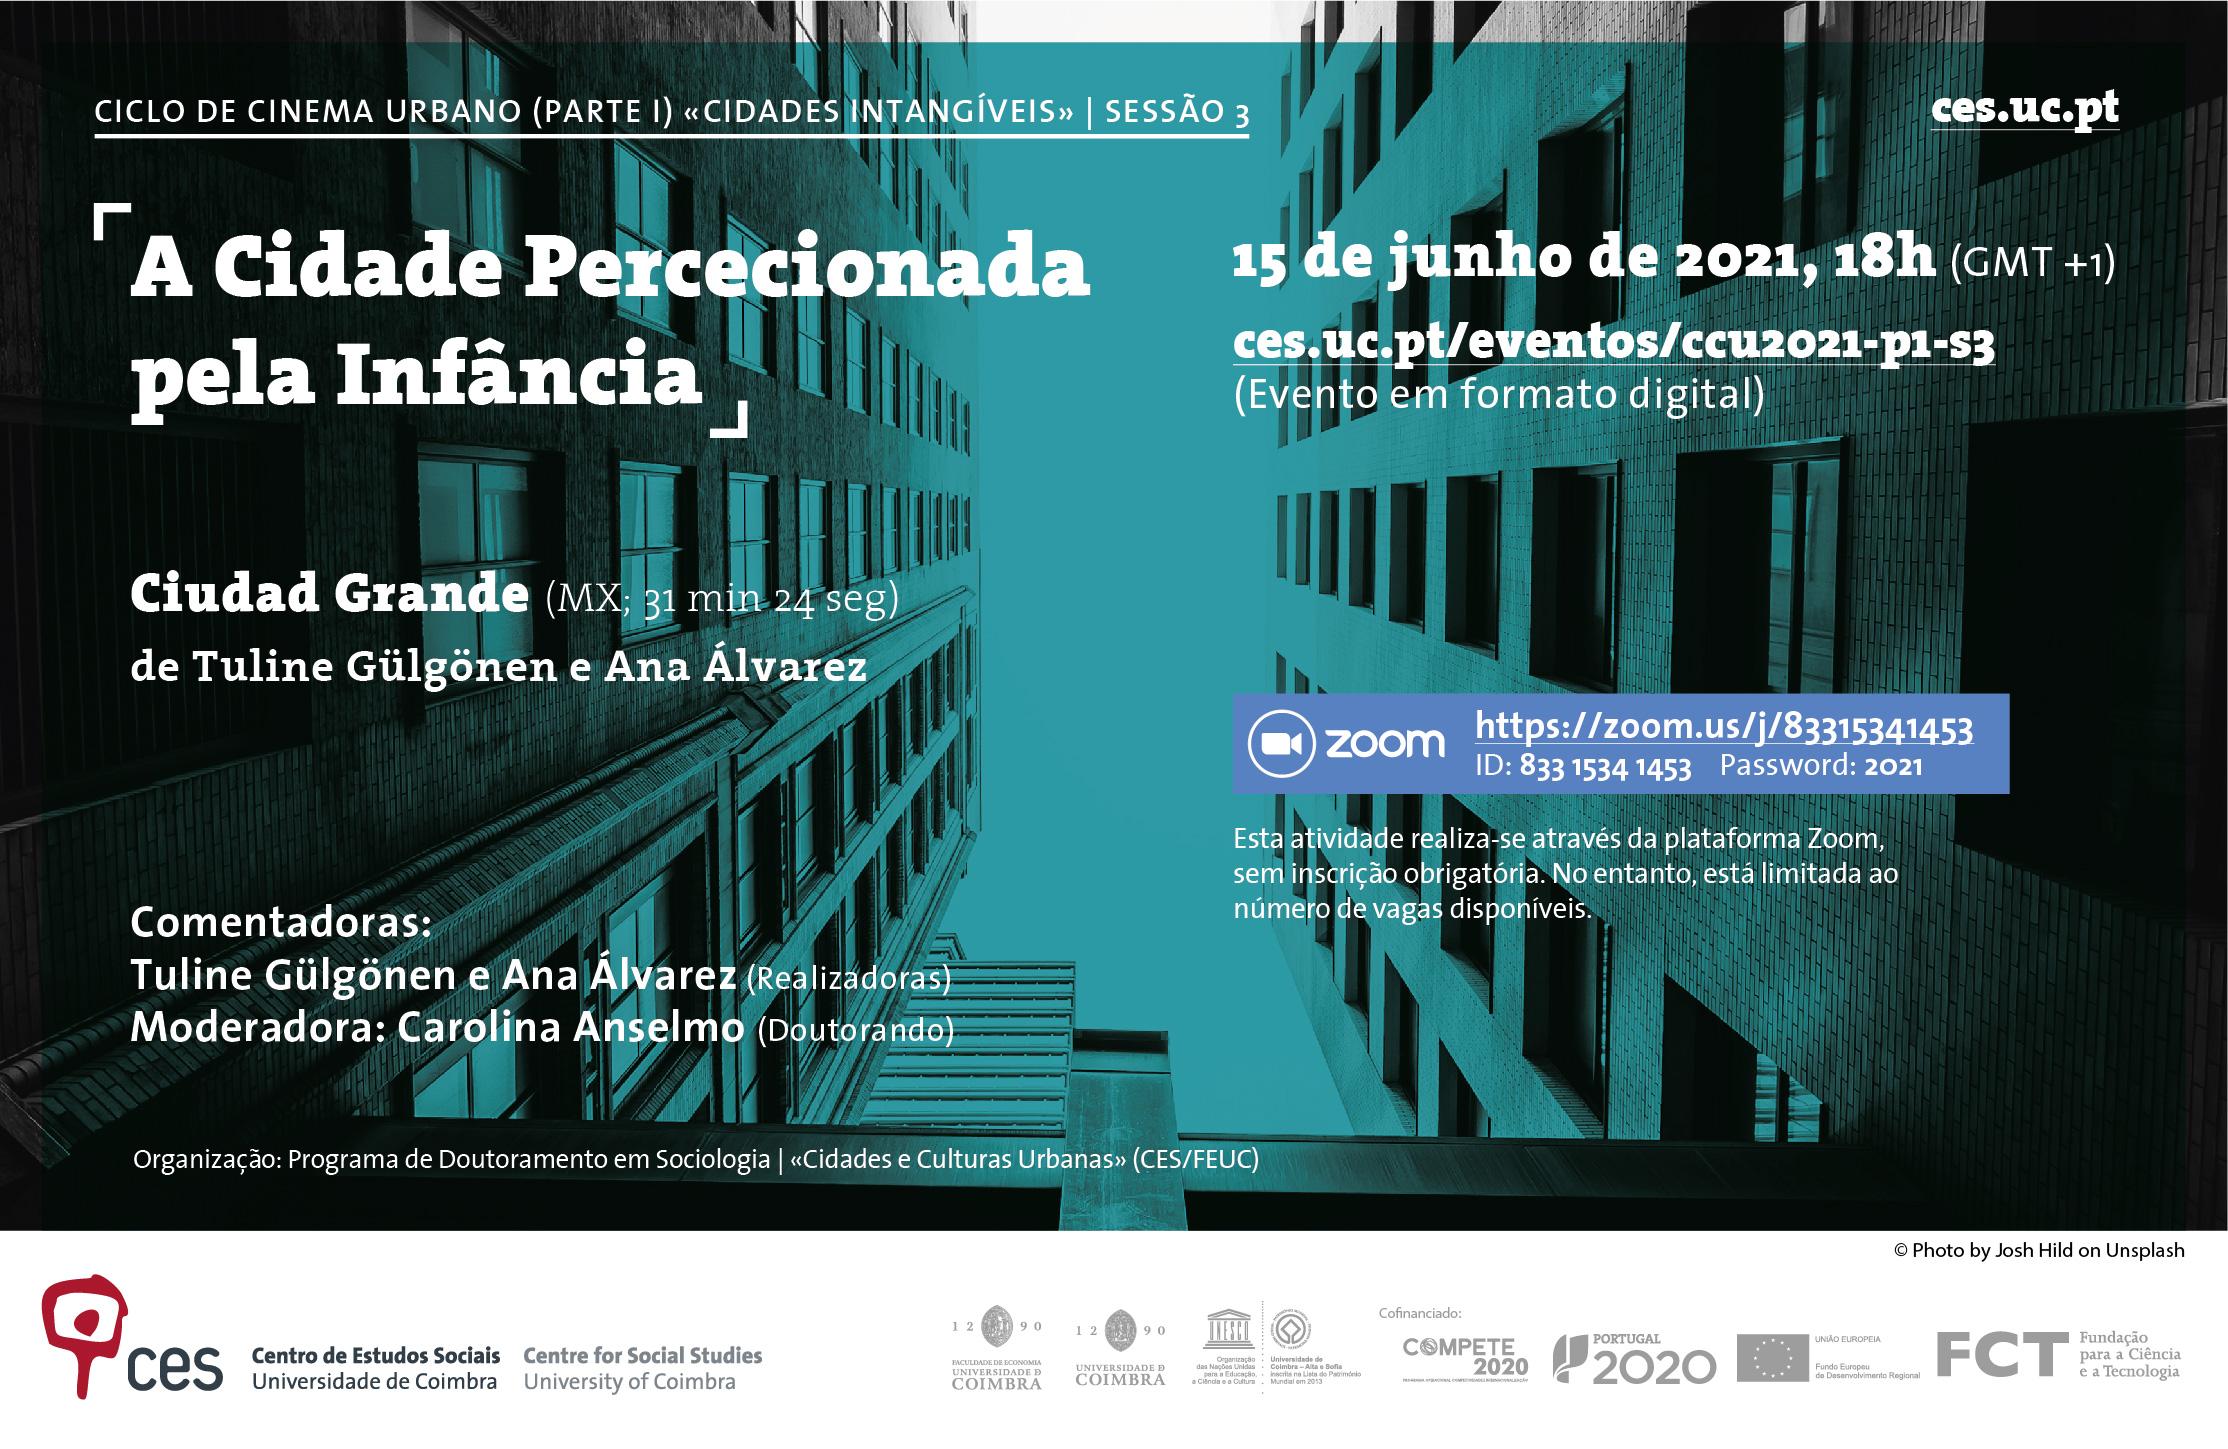 https://ces.uc.pt/imagens/33613_cartaz_-_Cidades_Intangiveis_-_s3_-_web.jpg